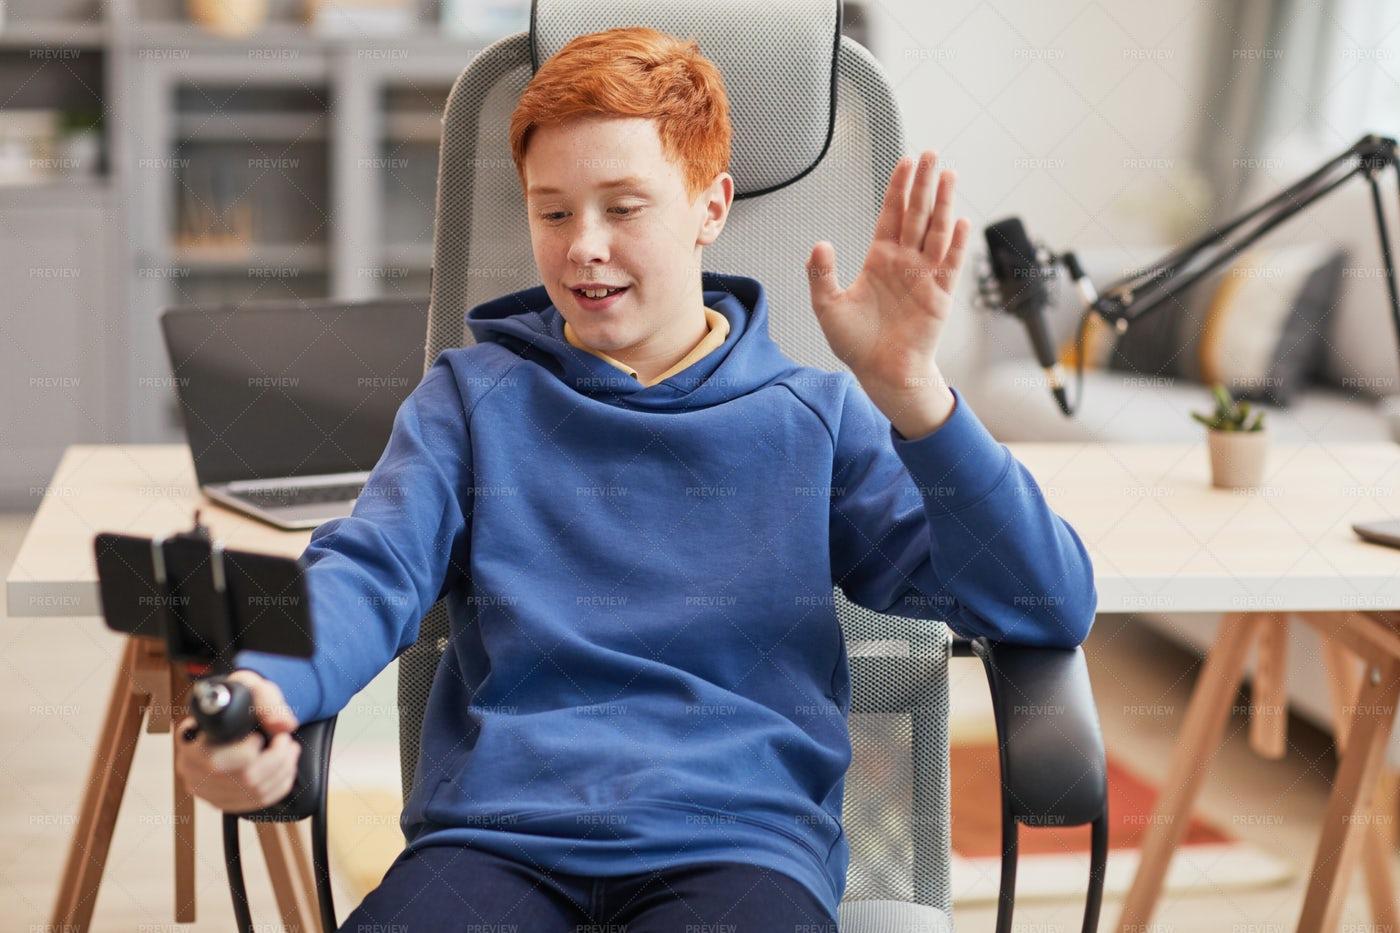 Boy Video Blogging: Stock Photos